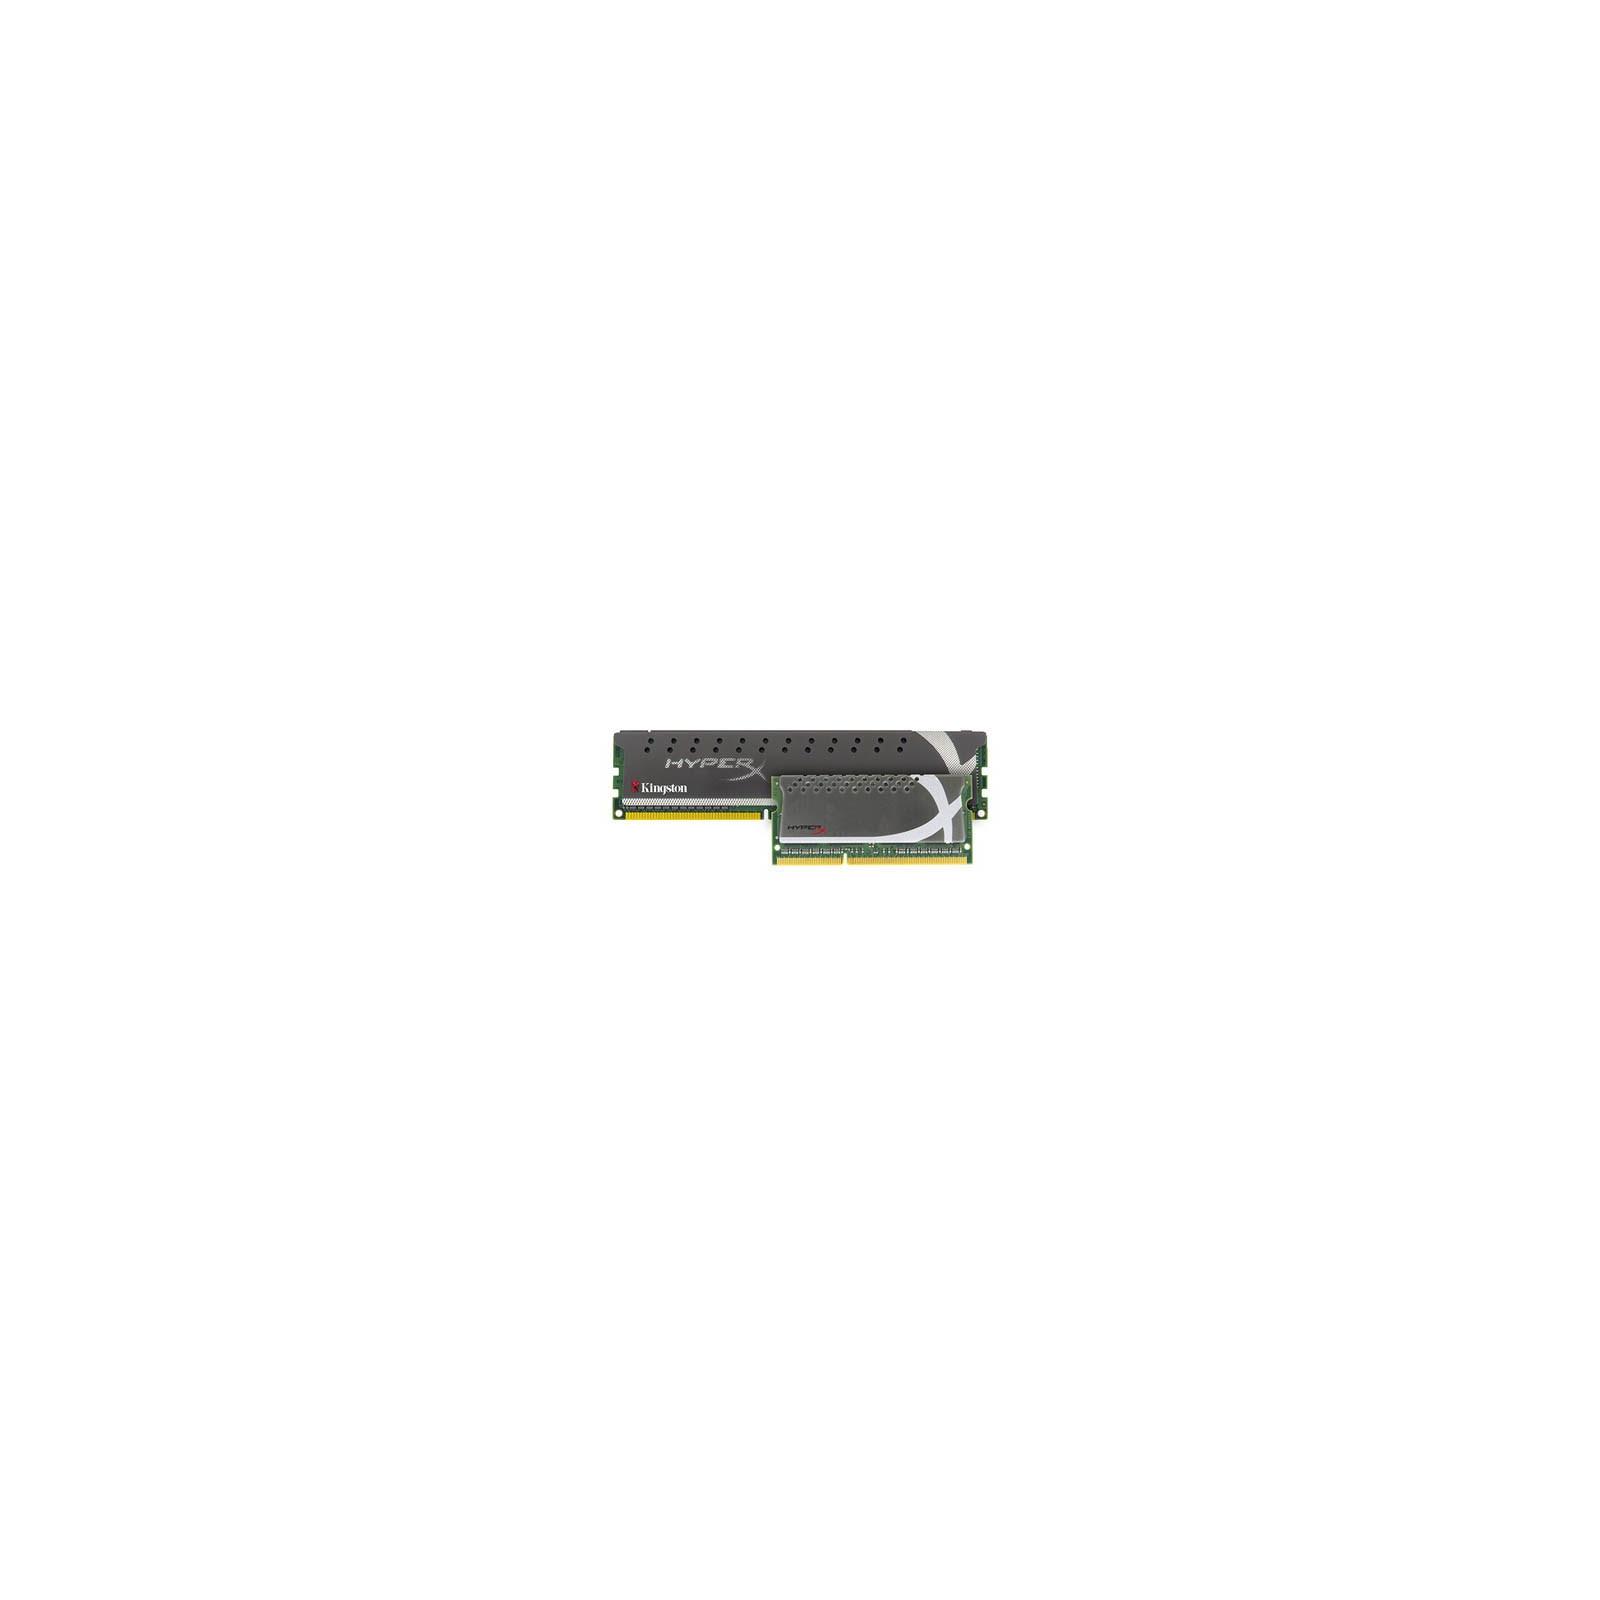 Модуль памяти для компьютера DDR3 8GB (2x4GB) 1866 MHz Kingston (KHX1866C11D3P1K2/8G)